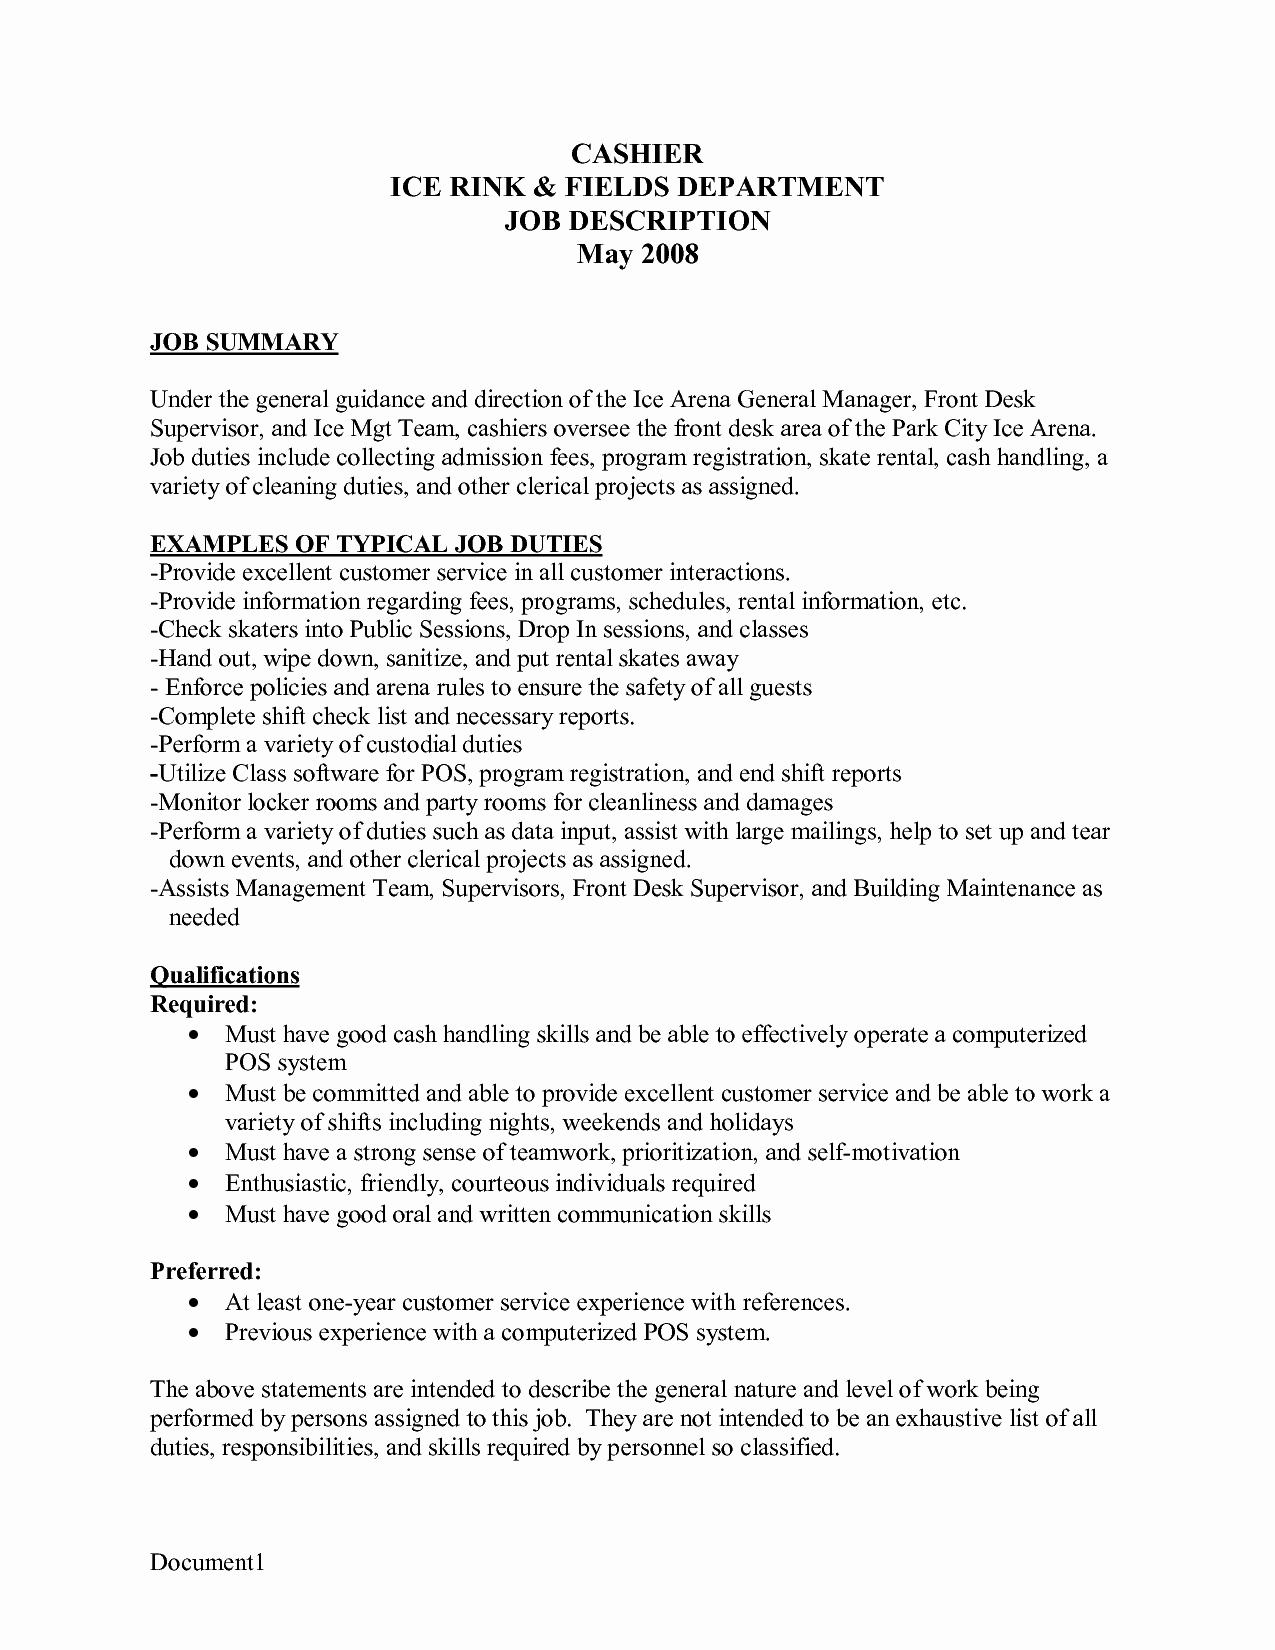 Resume for Cashier at Mcdonald S Sidemcicek